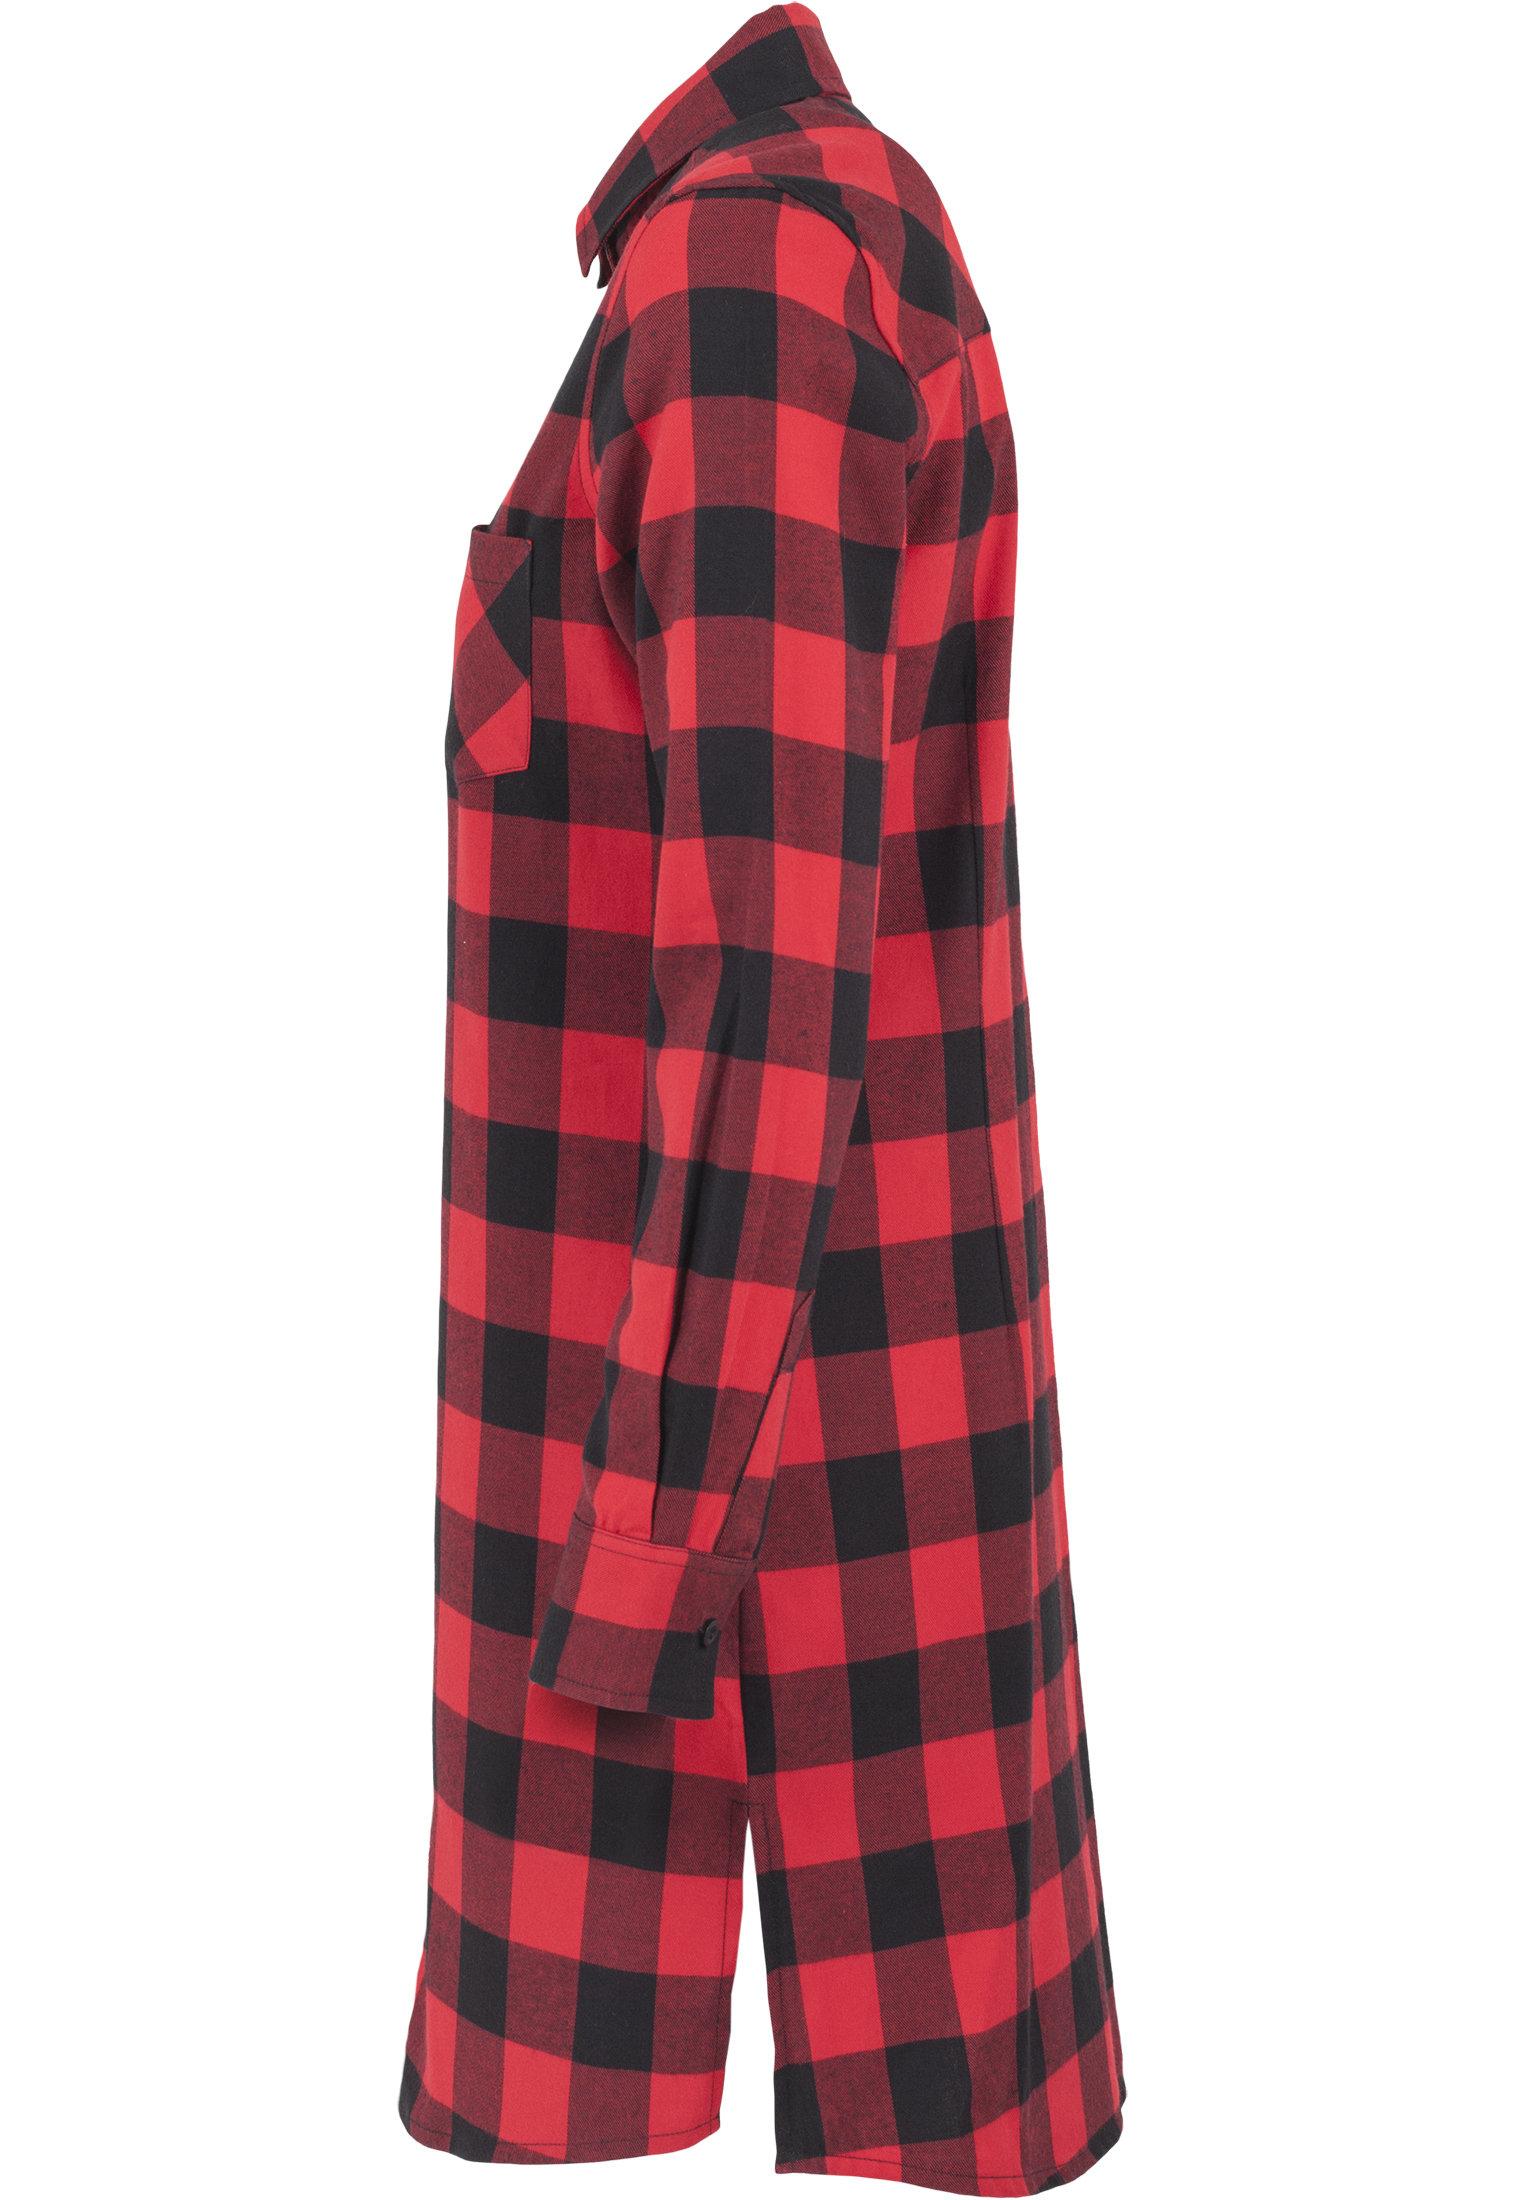 Robe chemise à carreaux URBAN CLASSICS rouge et noire